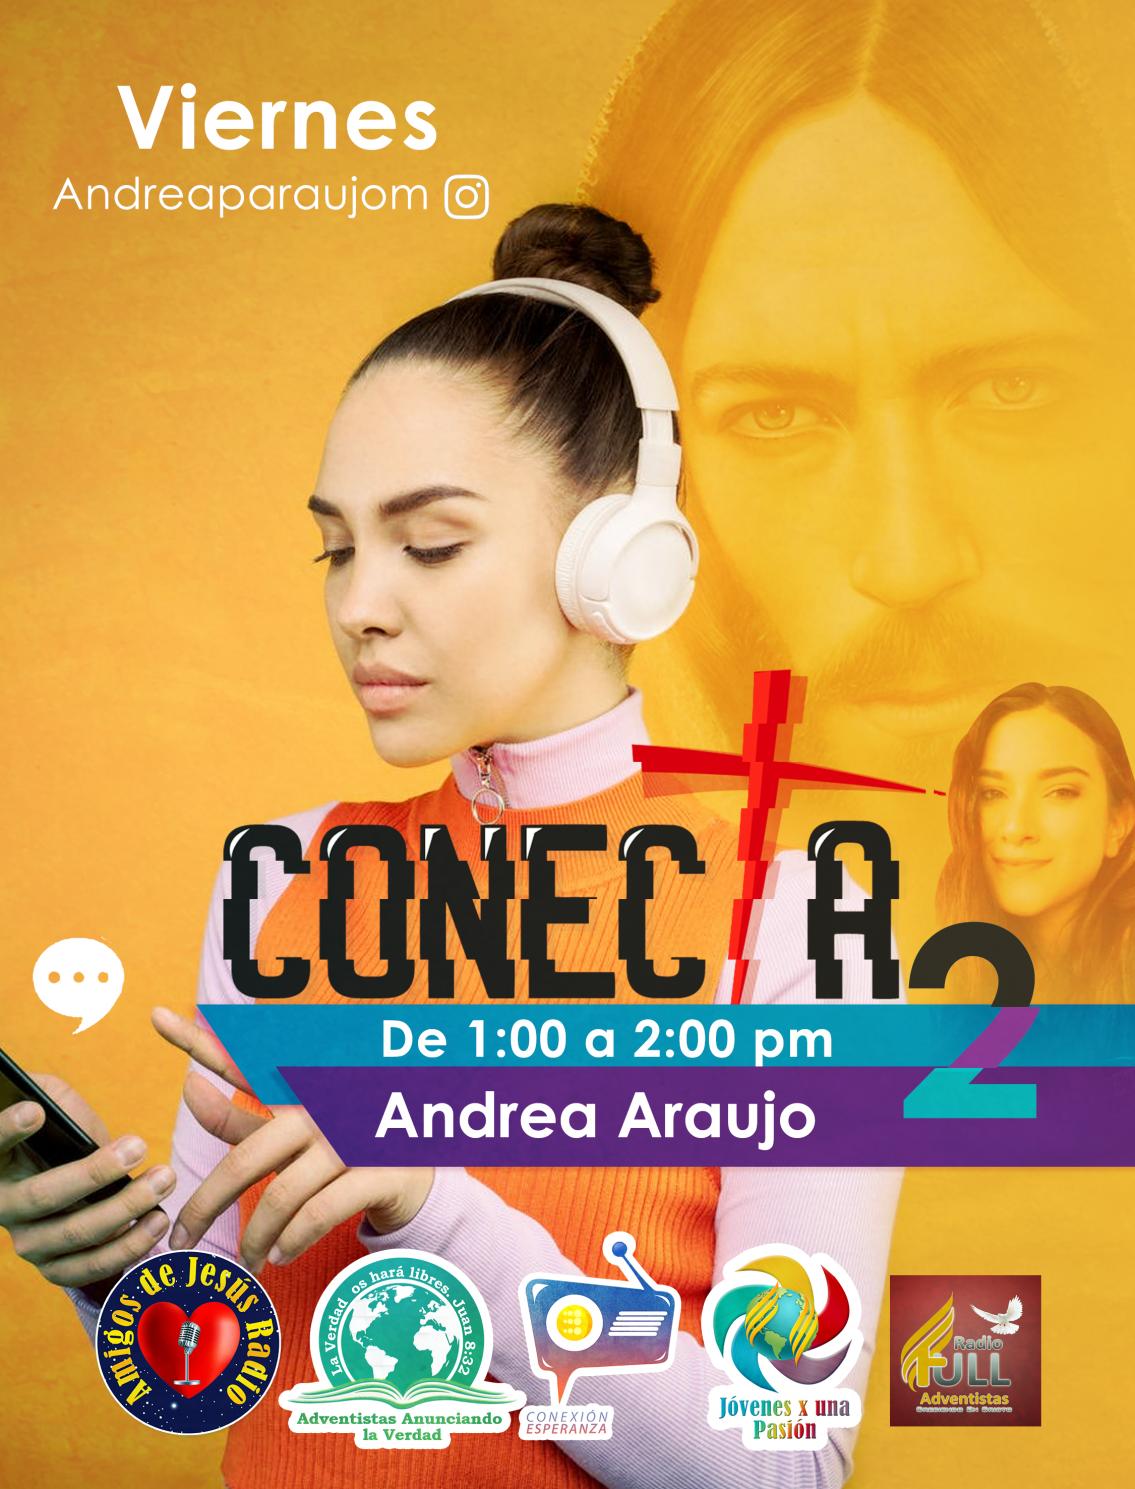 ANDREA ARAUJO7